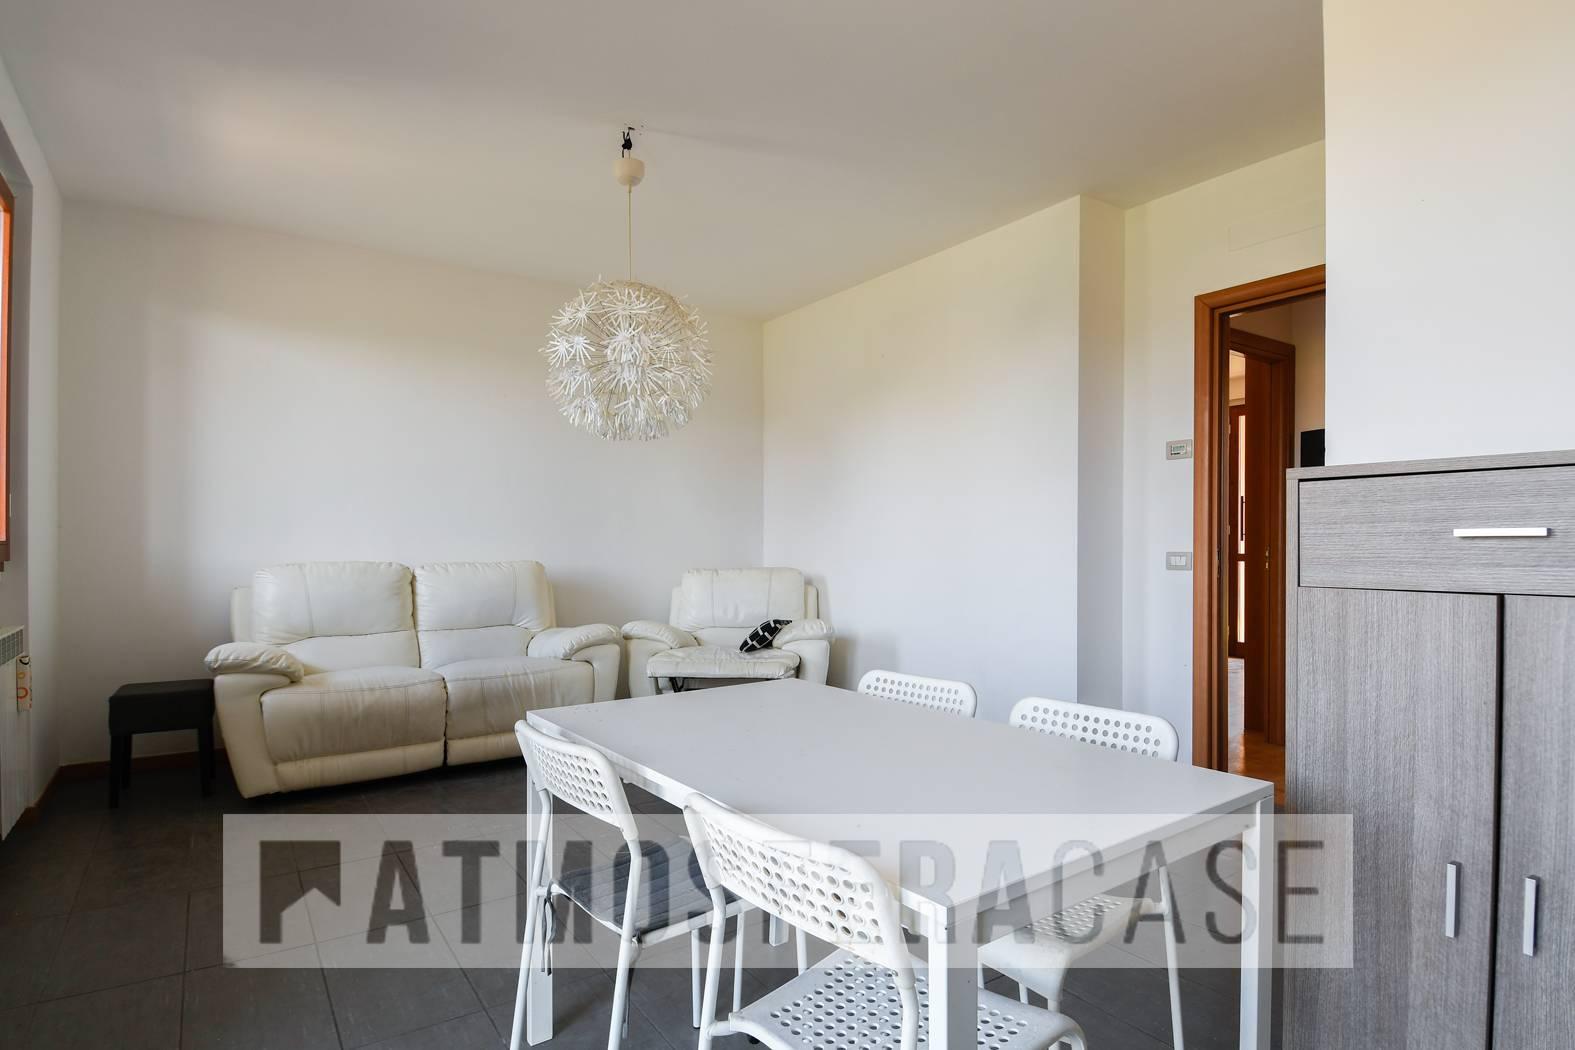 Appartamento in vendita a Comun Nuovo, 3 locali, prezzo € 189.000 | CambioCasa.it